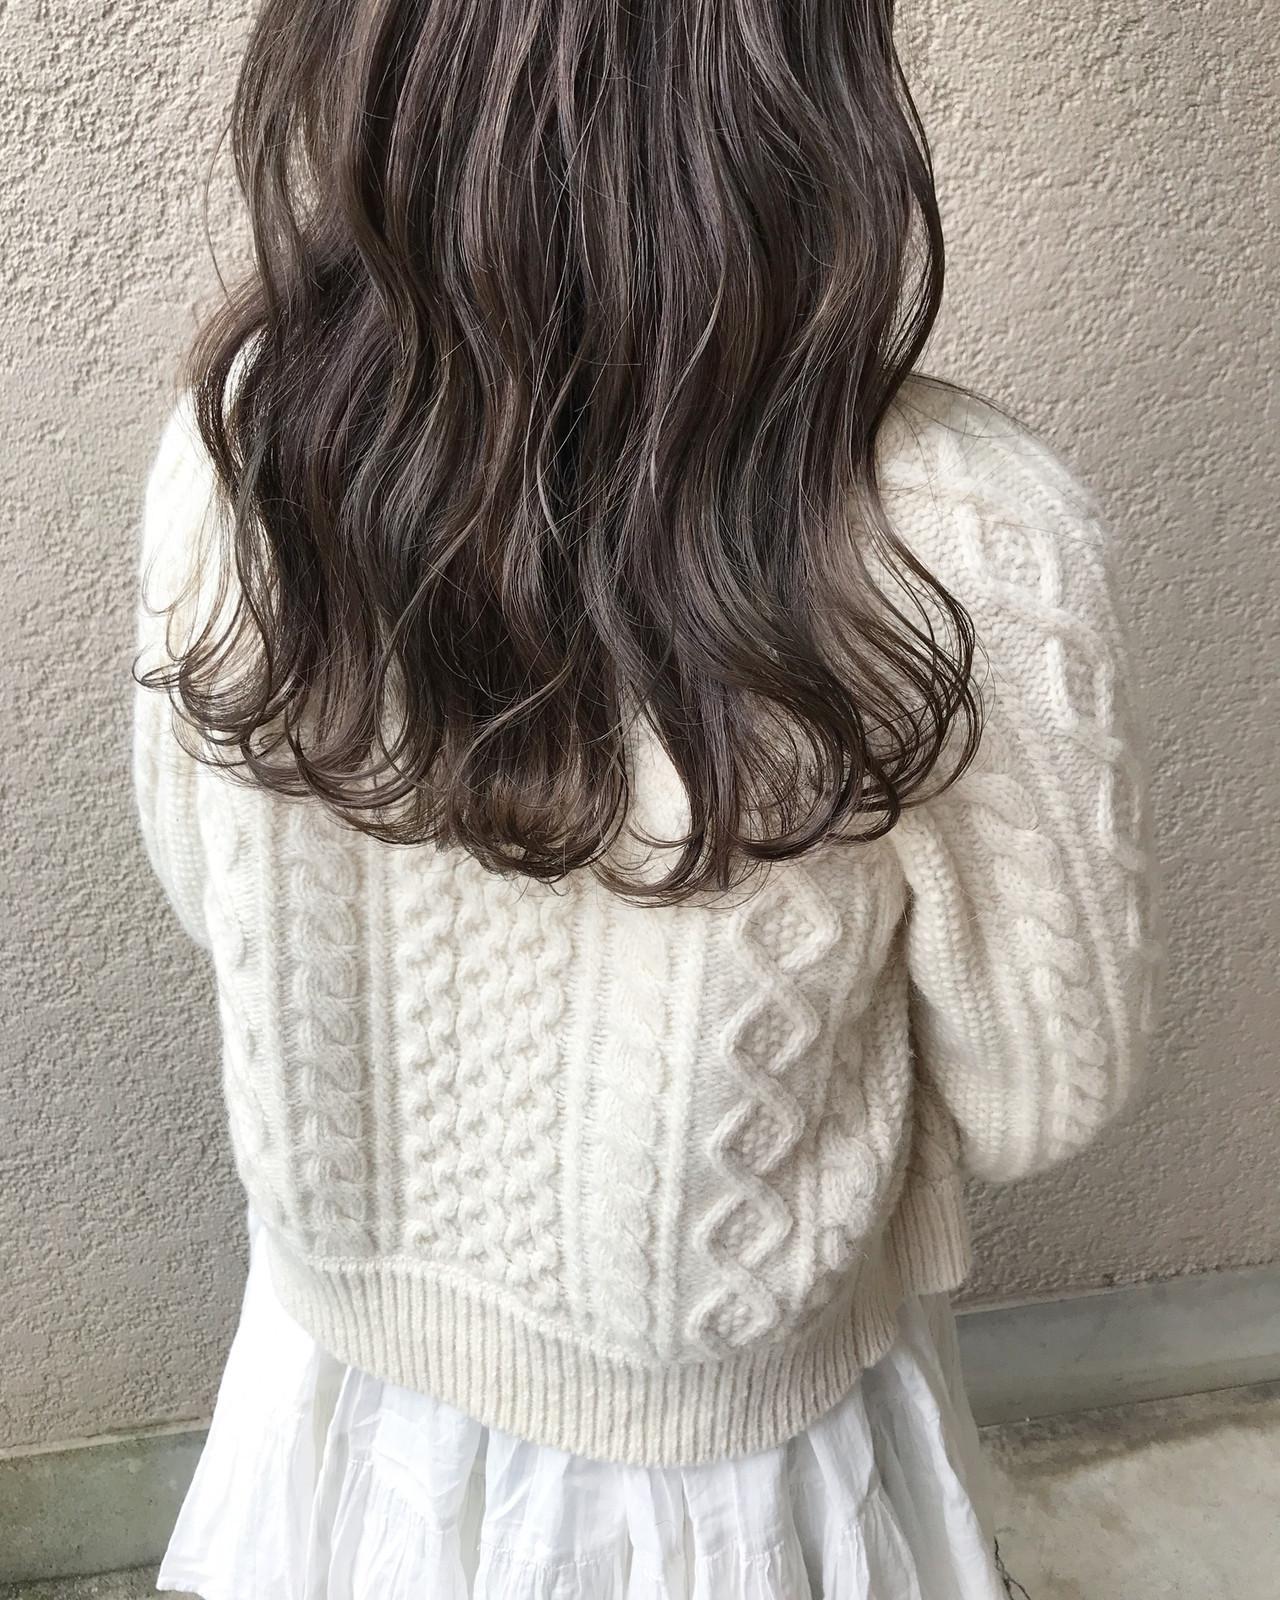 オリーブグレージュ ハイライト ロング オリーブベージュ ヘアスタイルや髪型の写真・画像